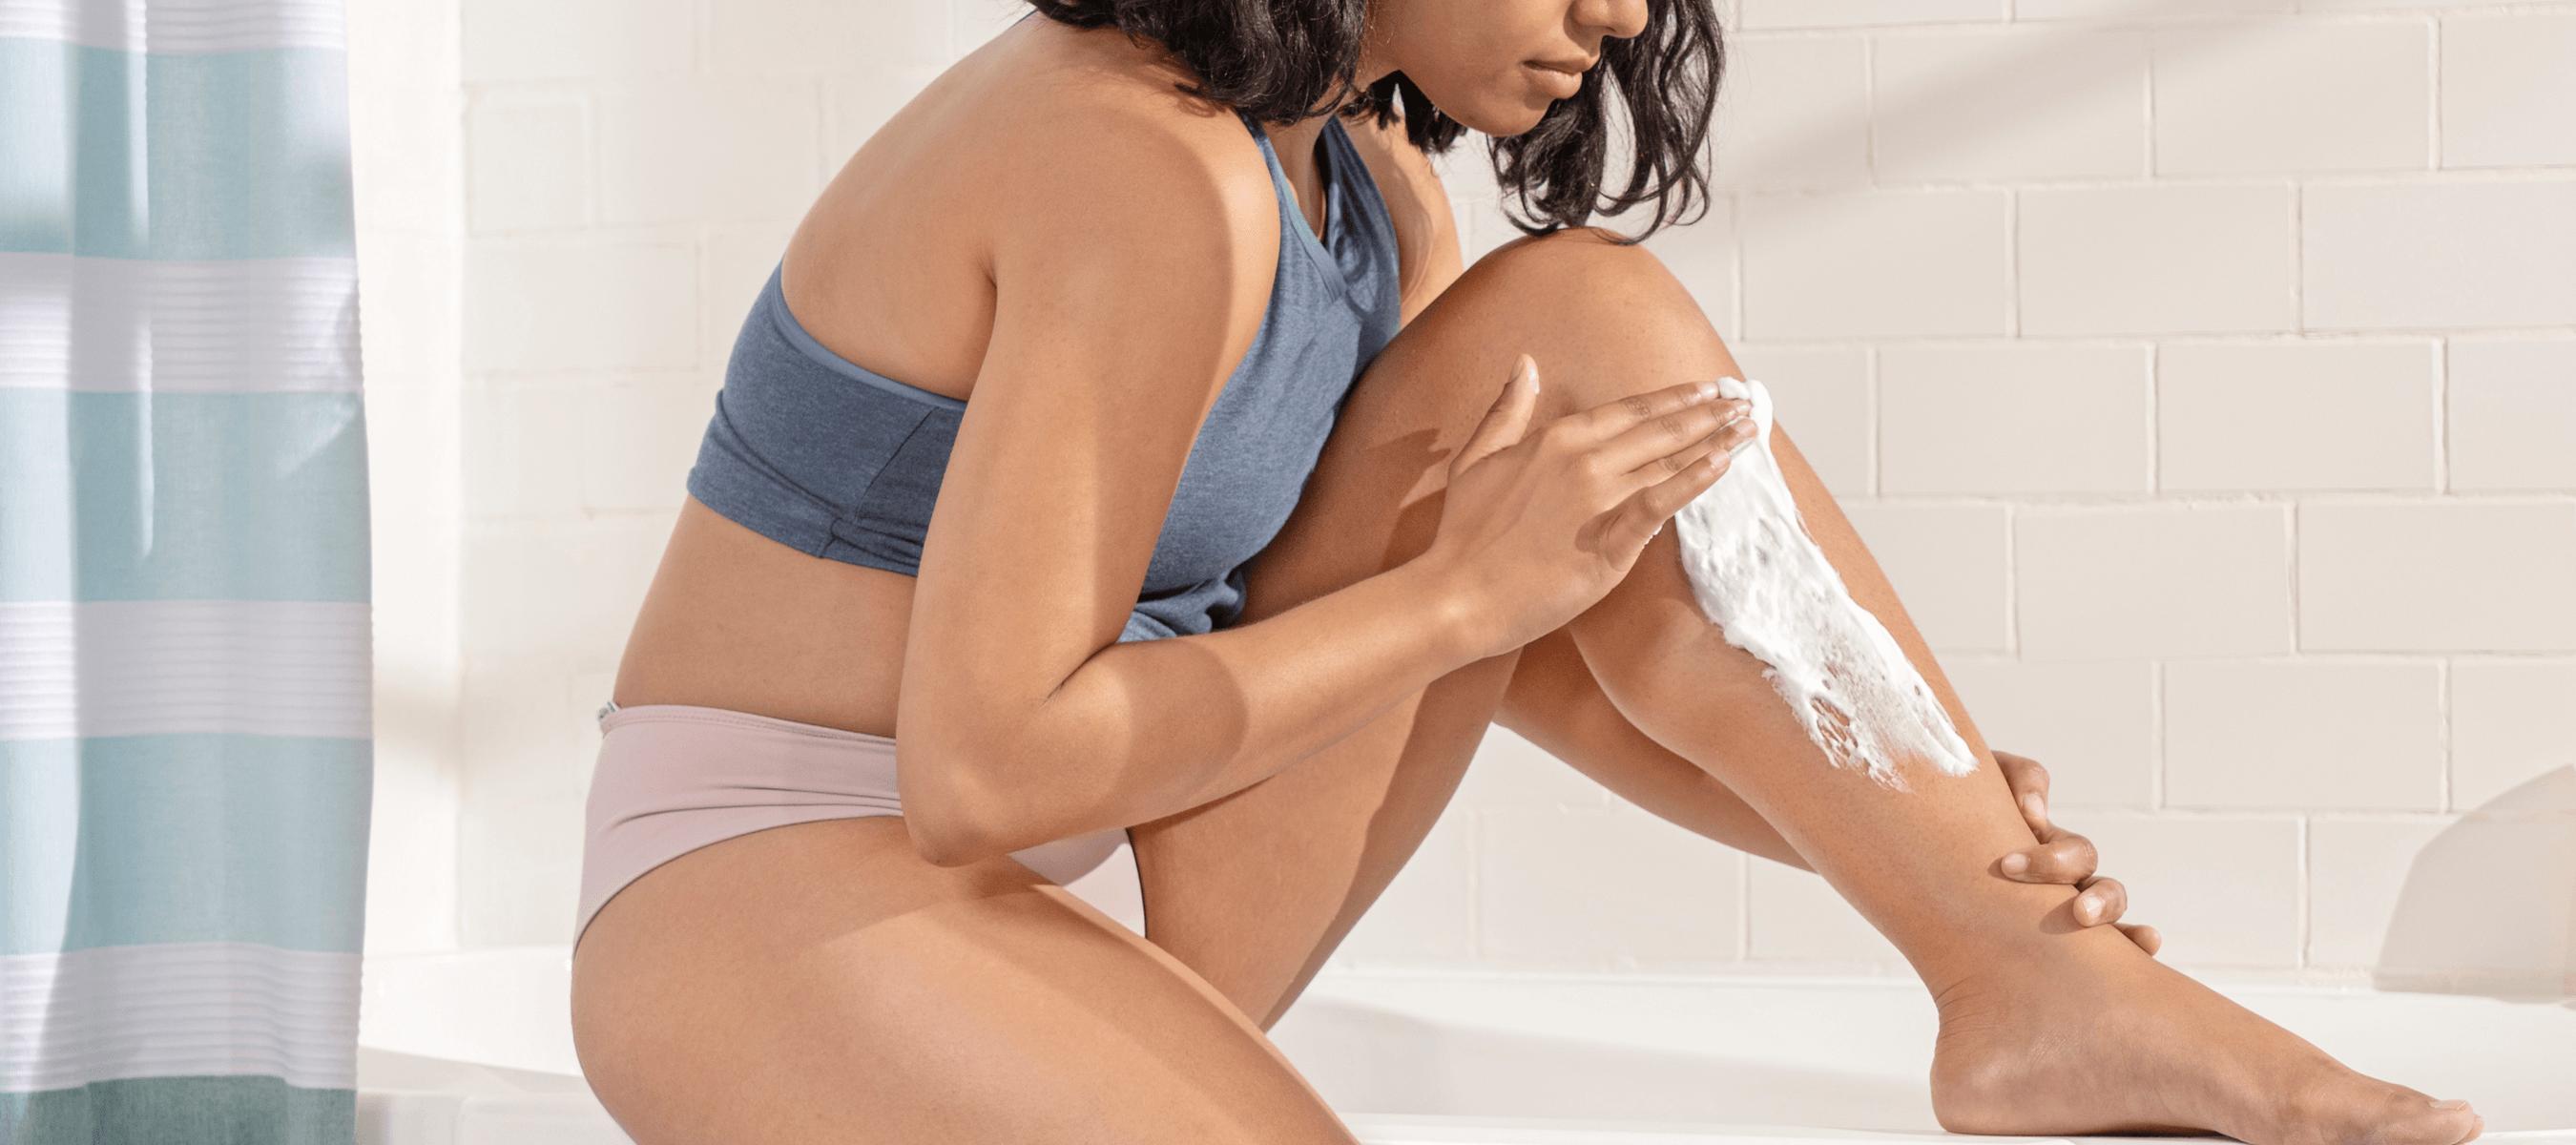 Woman applying shaving cream to her leg before shaving.